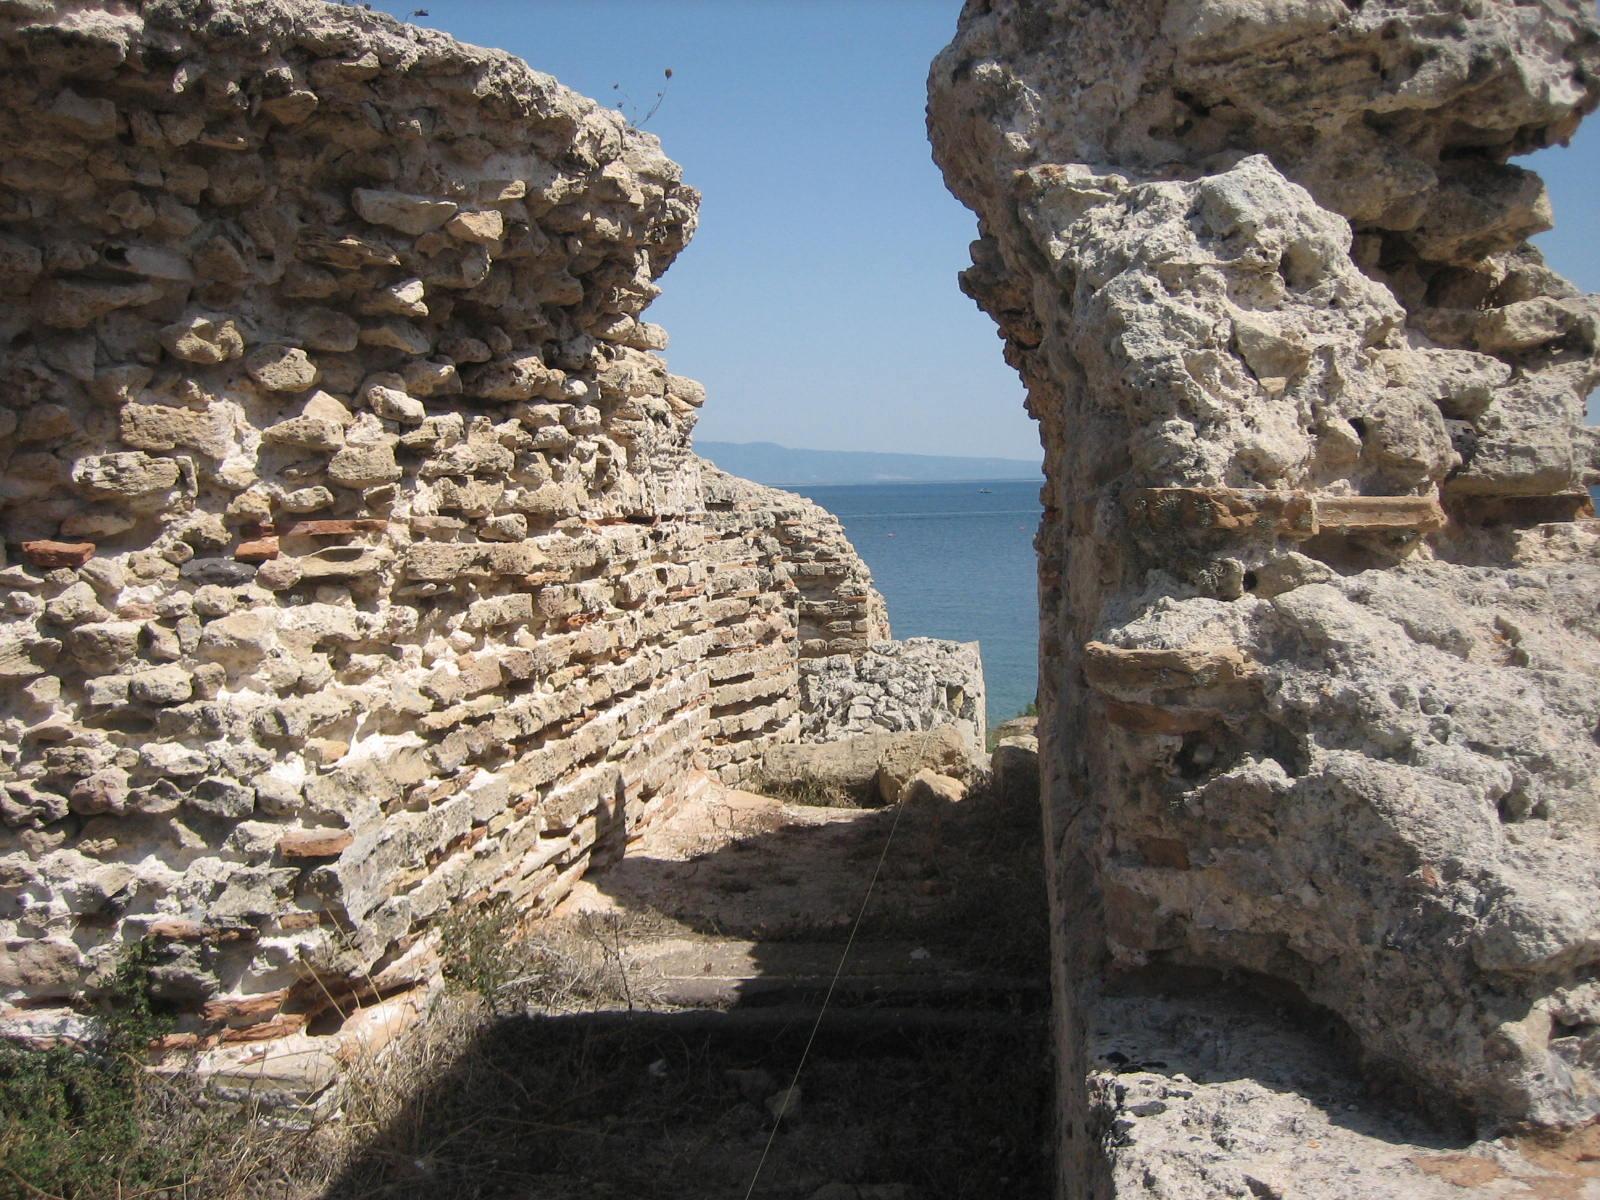 In Sardegna nel 2008